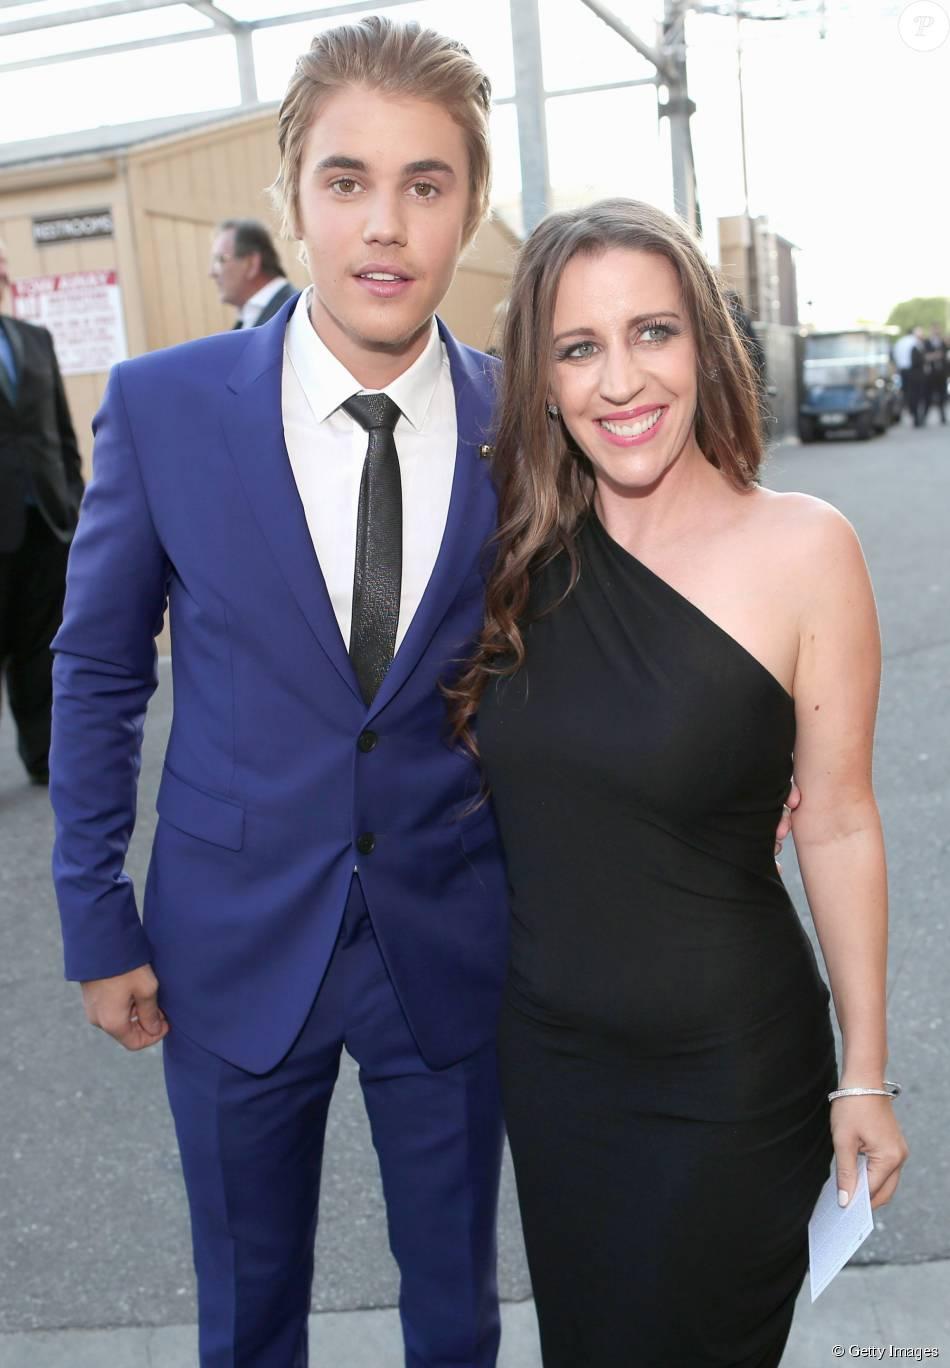 Justin Bieber comentou a relação com a mãe, Pattie Mallette em entrevista a revista 'Billboard'. 'Praticamente não existe', declarou cantor na edição de novembro de 2015